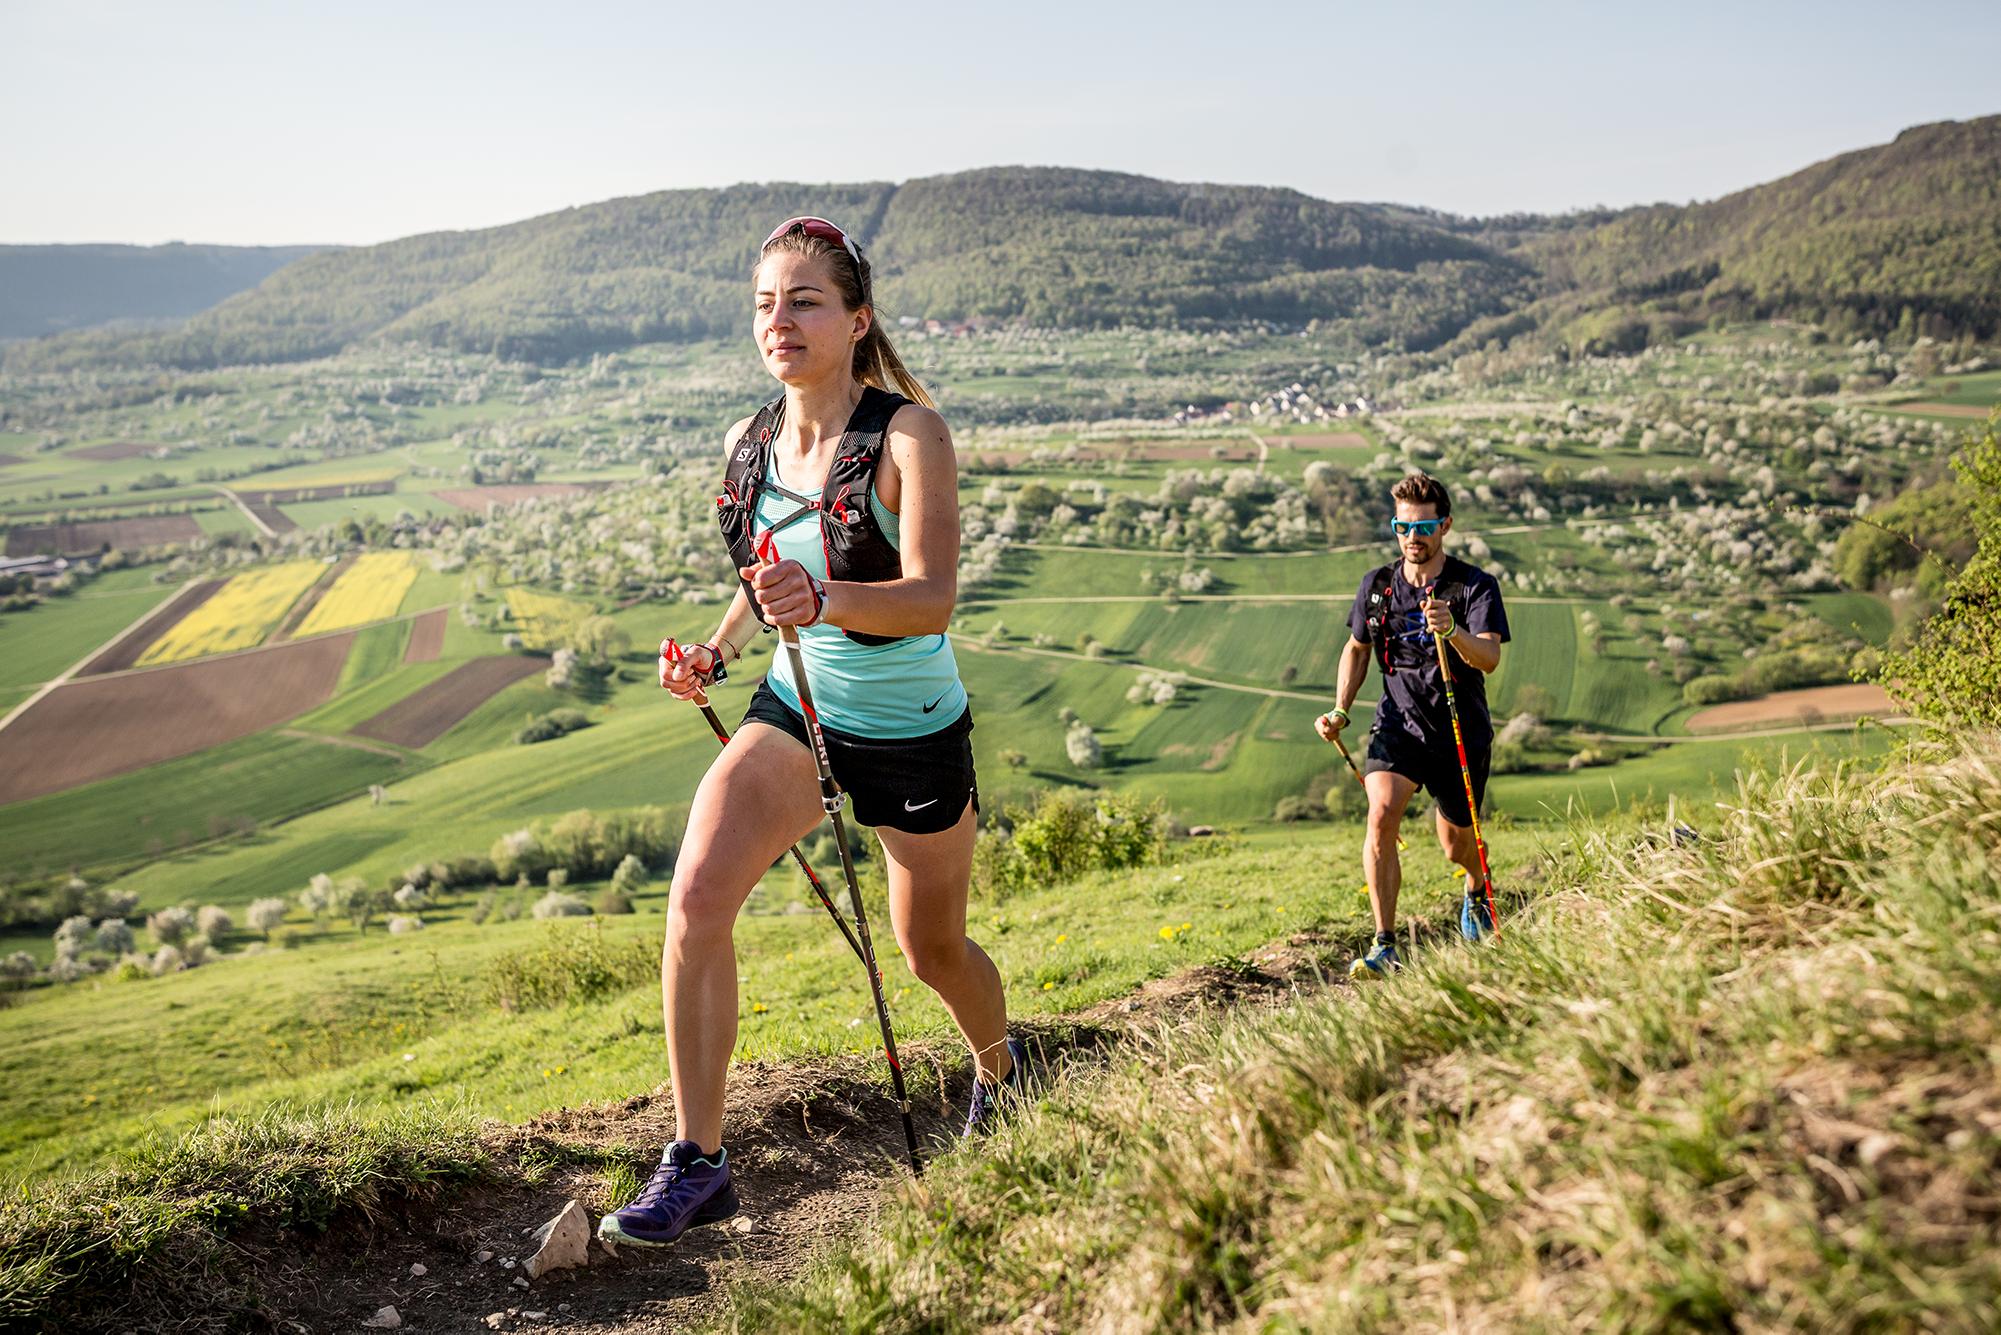 LEKI_Trail Running_©Atelier Busche - Michael Bannert_2018_6.png